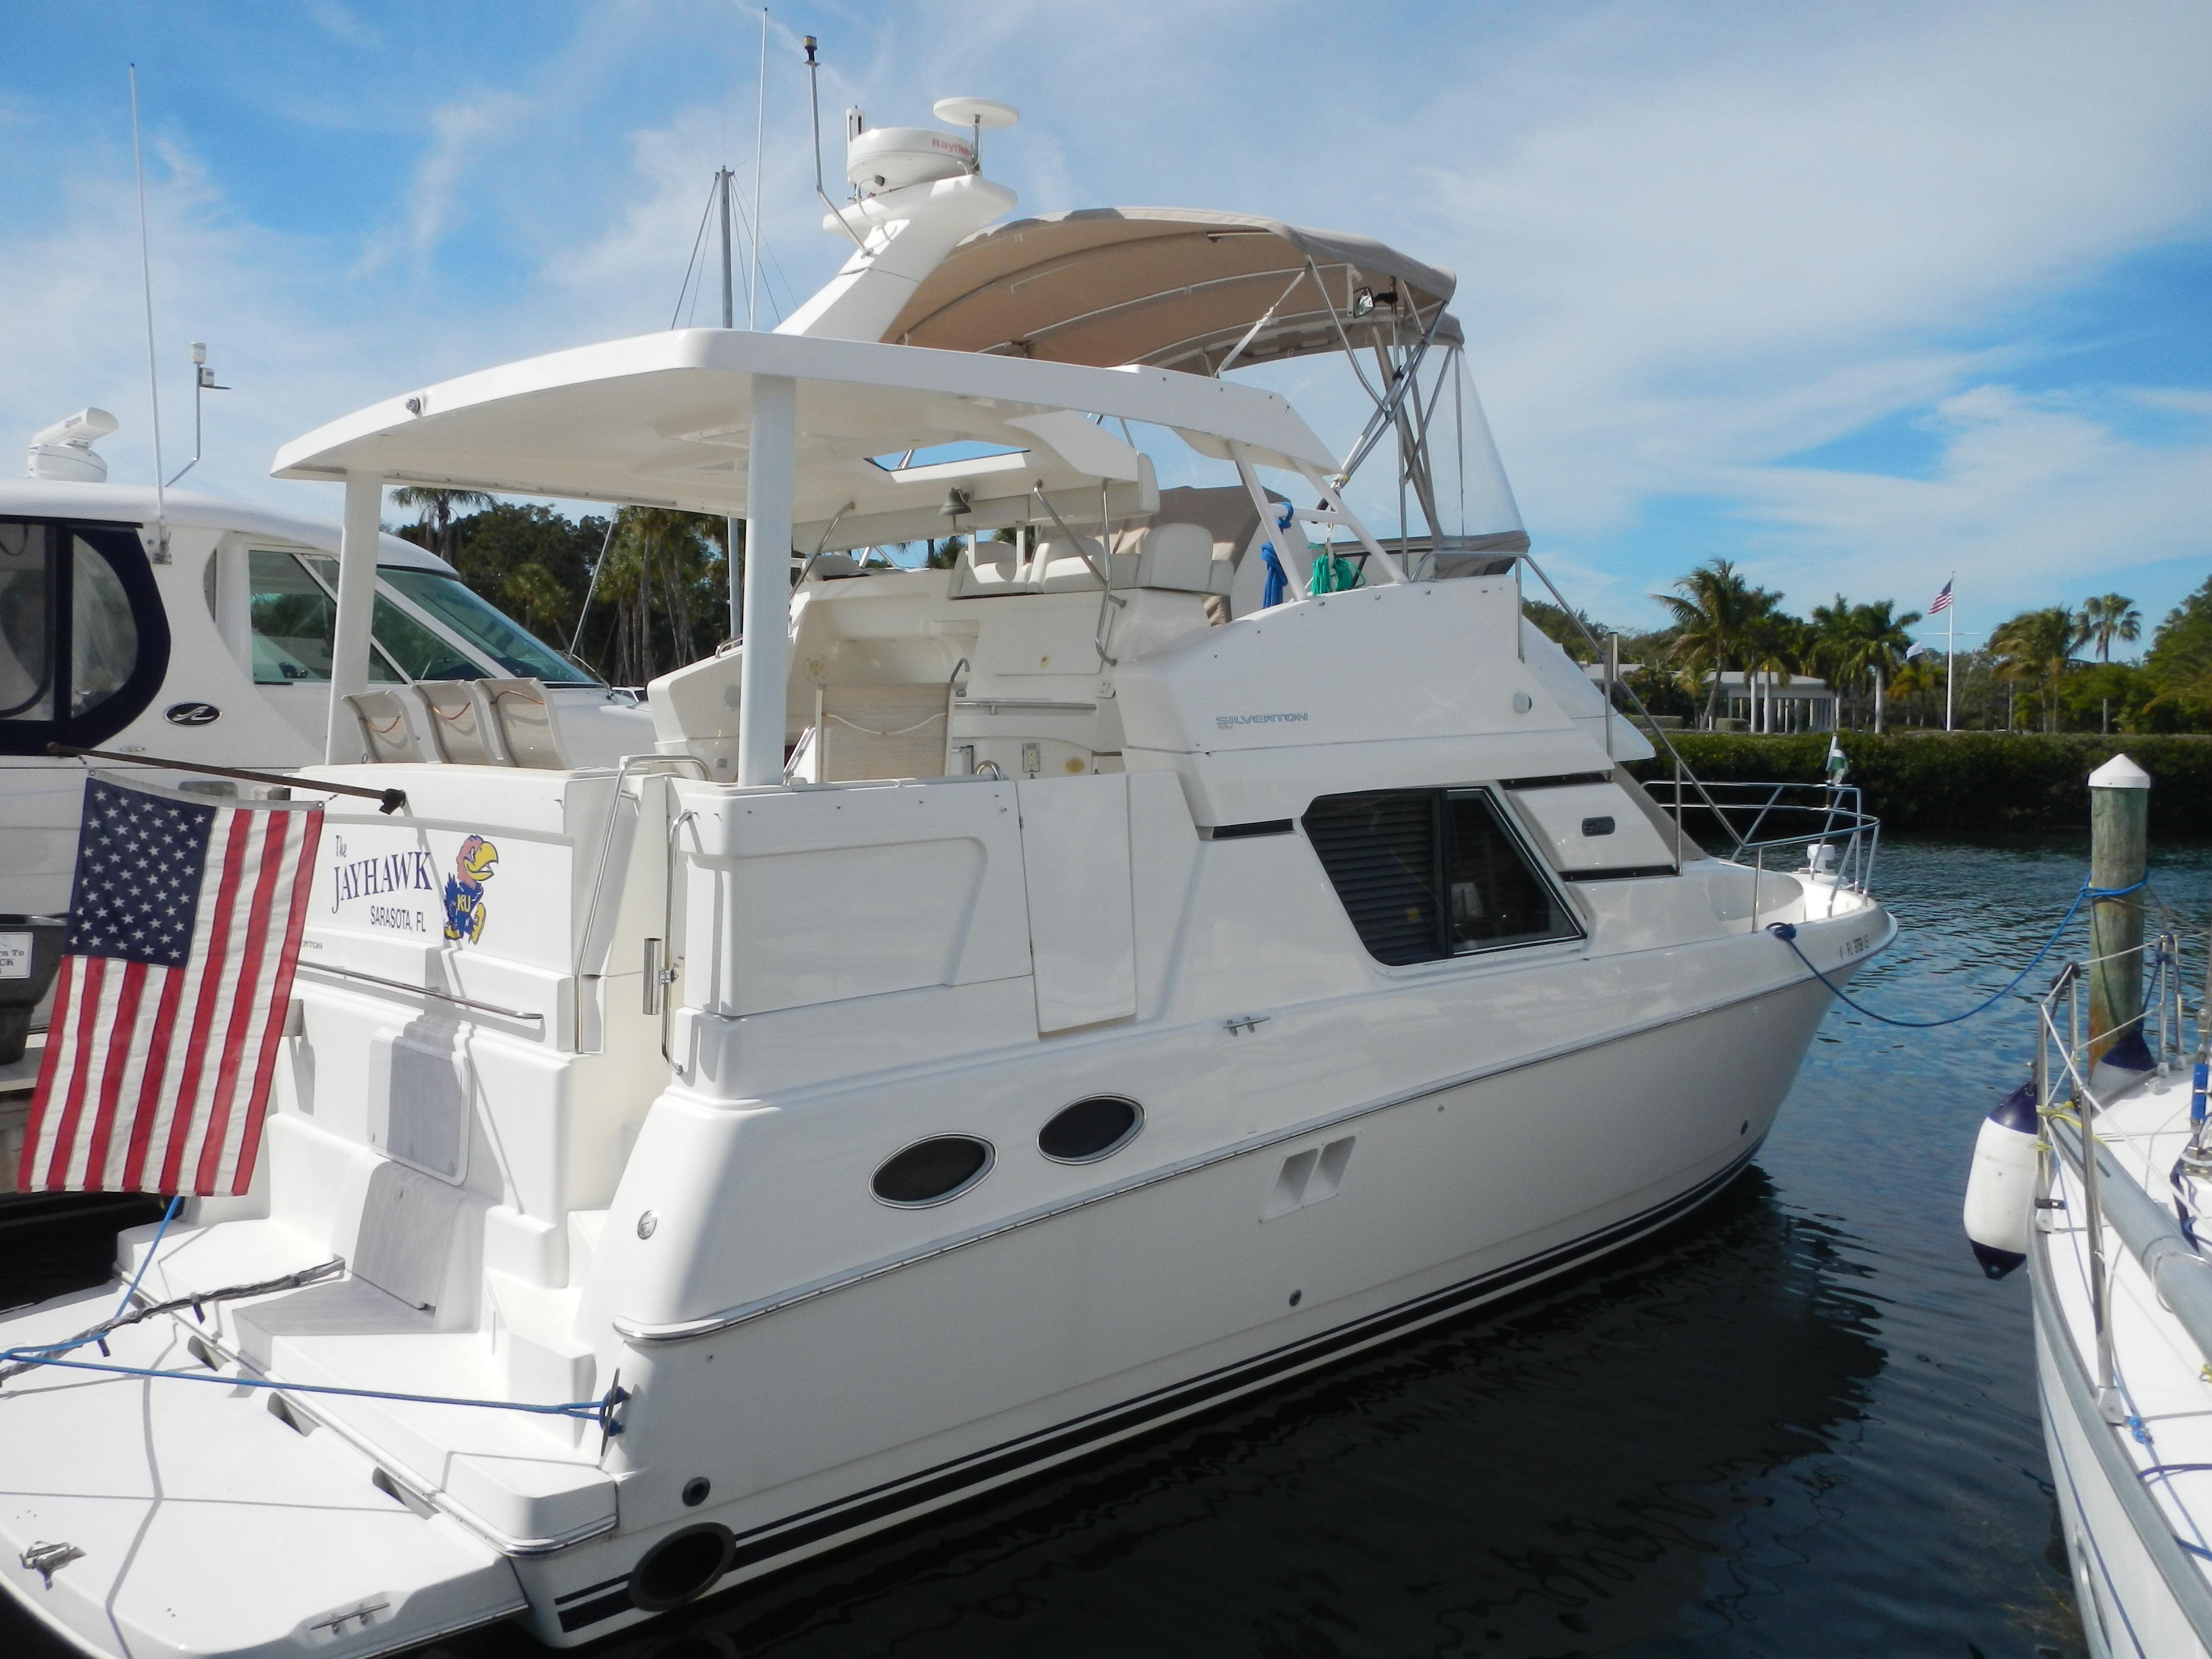 2000 Silverton 392 Motor Yacht Diesel Power Power Boat For